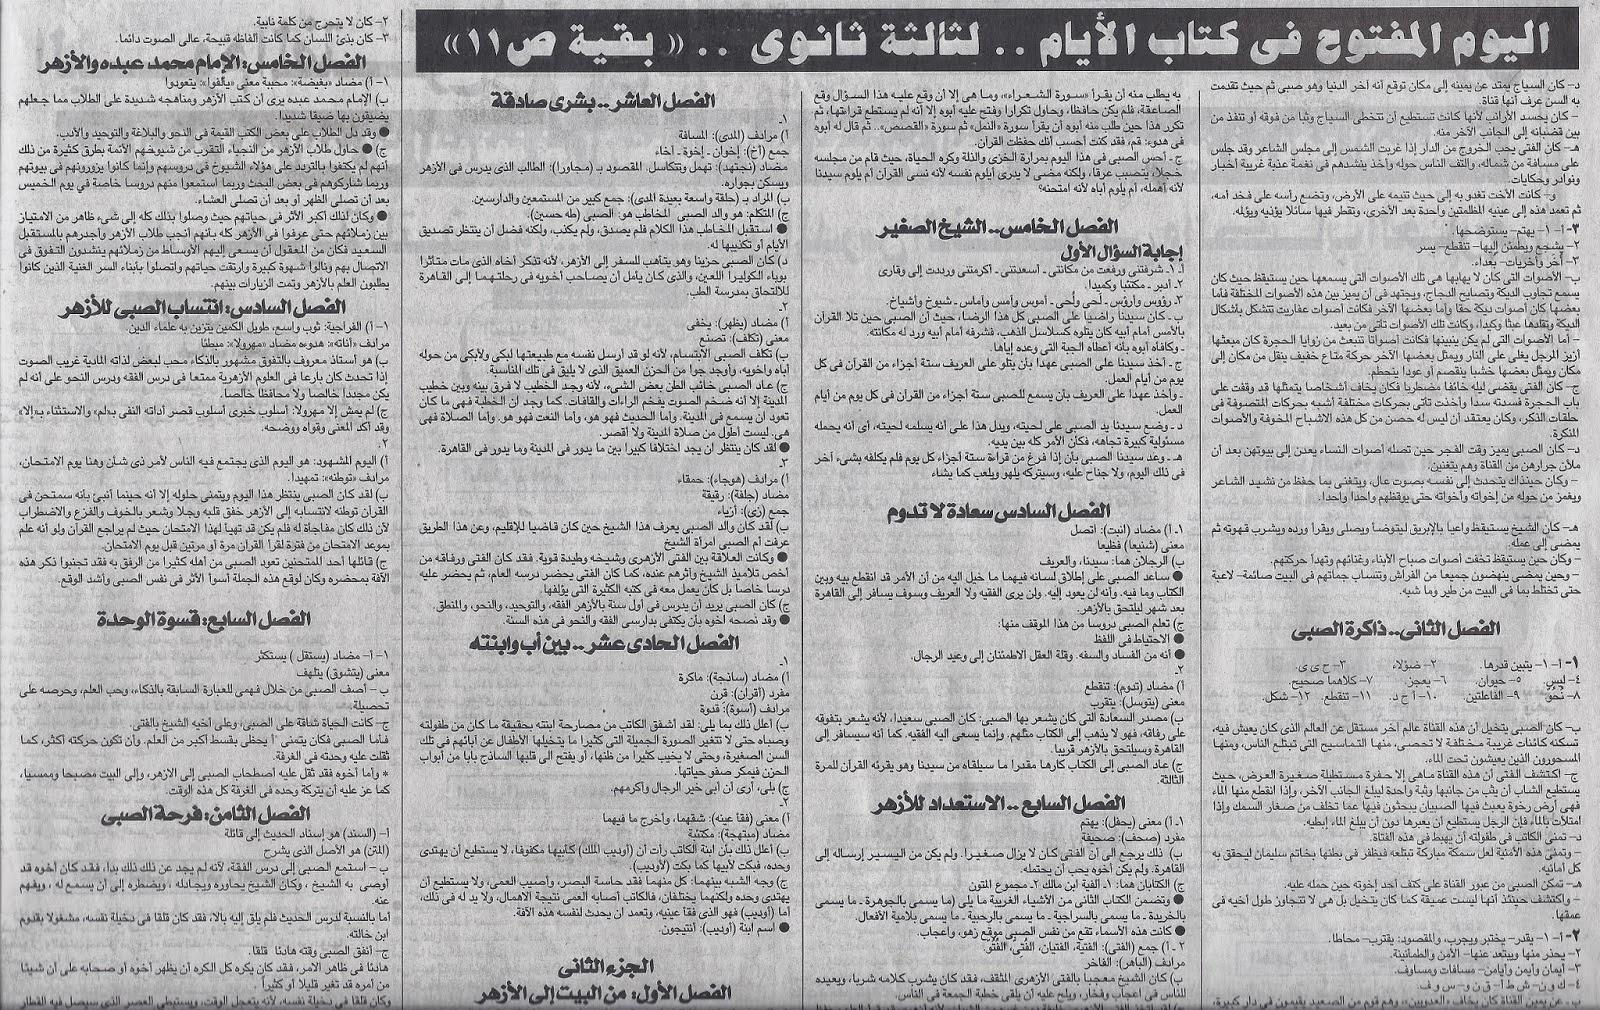 ملحق الجهورية التعليمى 4-2-2014 ينشر اهم نقاط قصة الايام فى ملخص رائع س و ج Talem-eg3